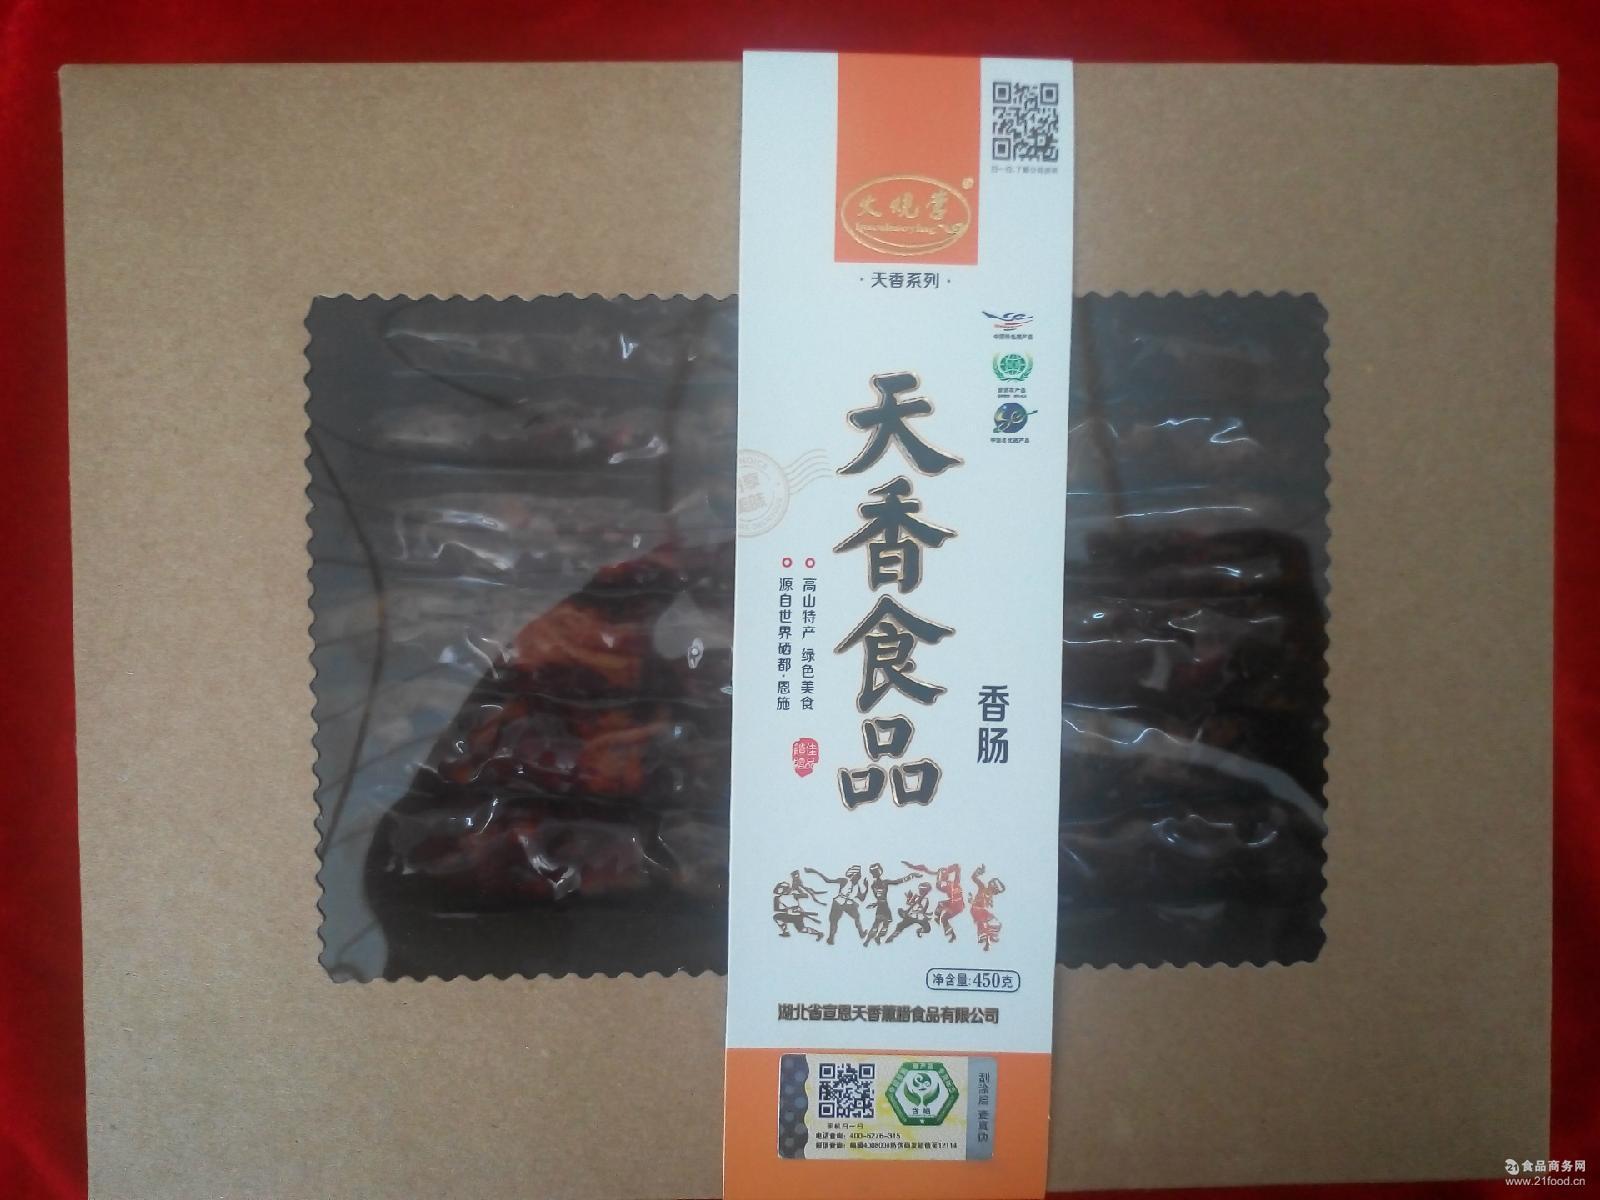 中国特色硒产品--纯手工制作腊香肠 *传统薰制 土家风味特色菜